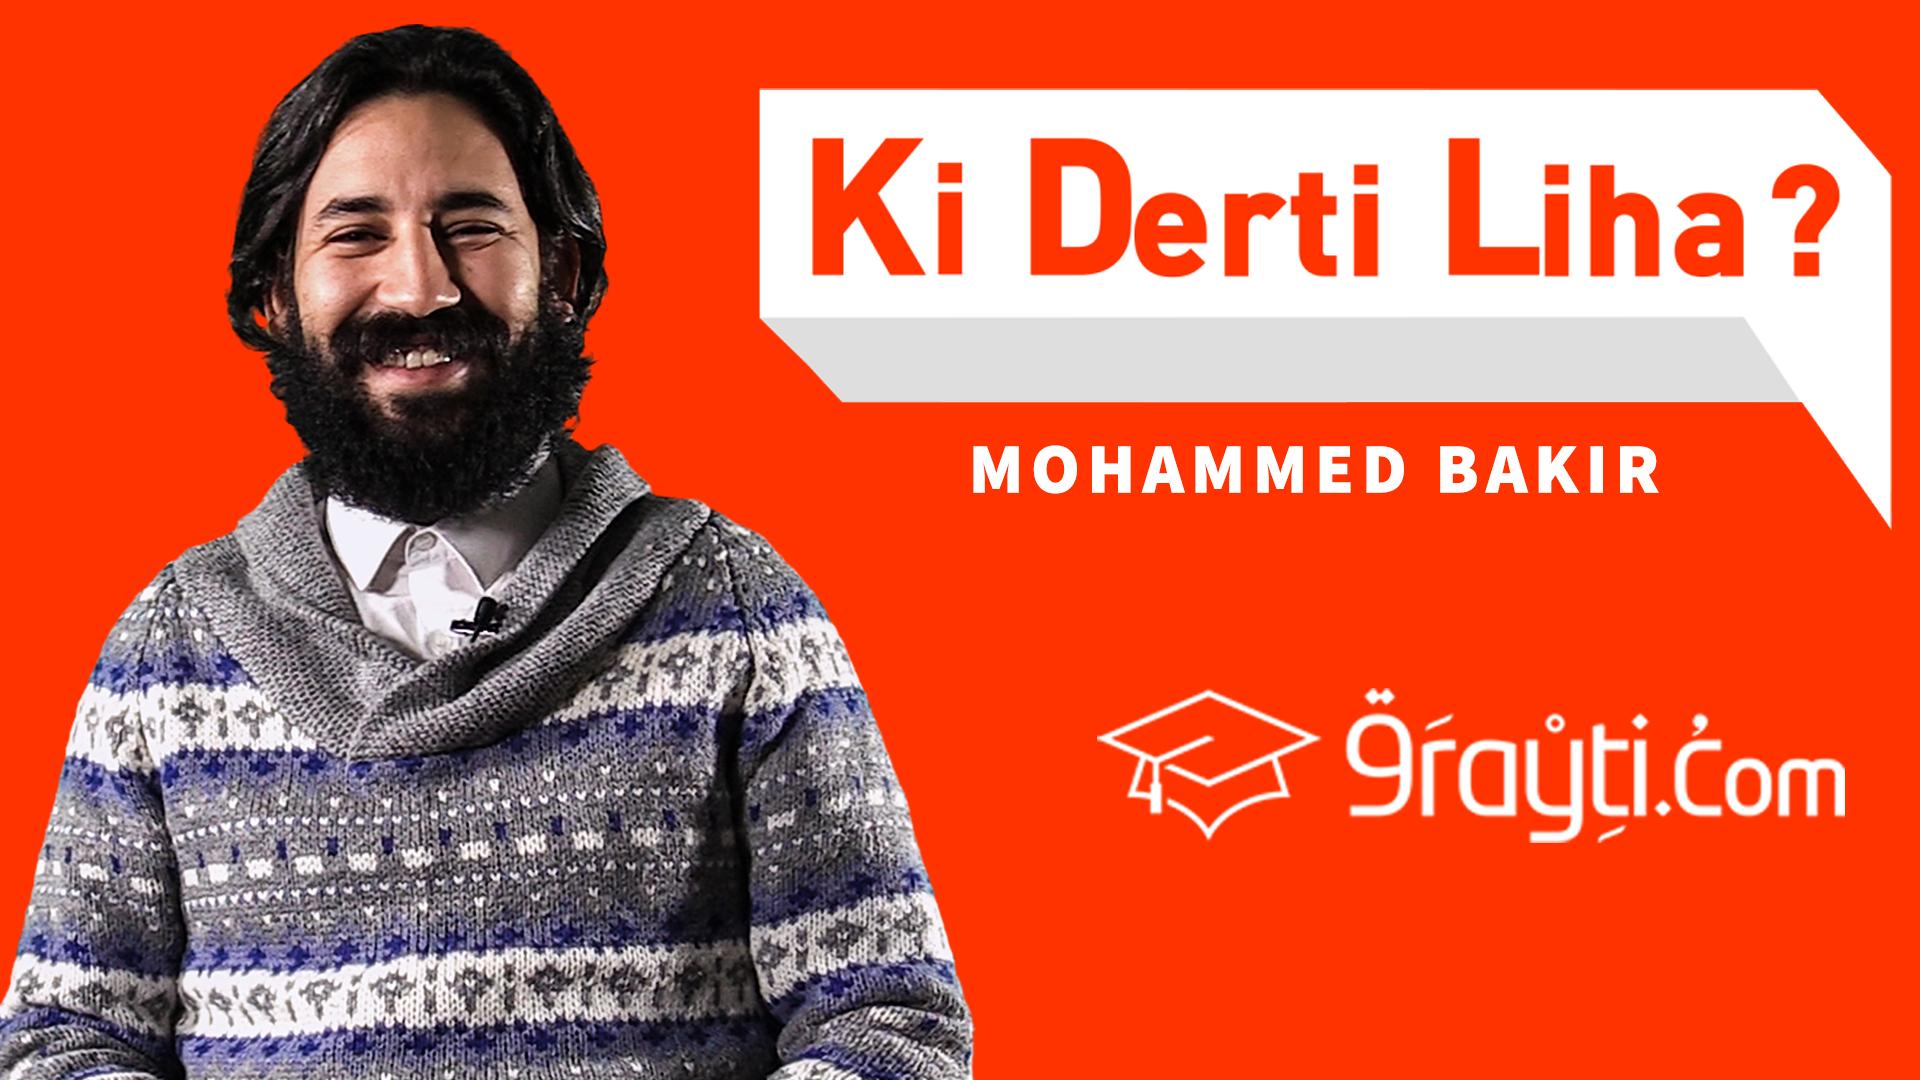 KDL-الحلقة8 جزء1-محمد بكير،واحد من أحسن الغرافيست فالمغرب كيشرح كيفاش تطور راسك باش توصل فهاد المجال